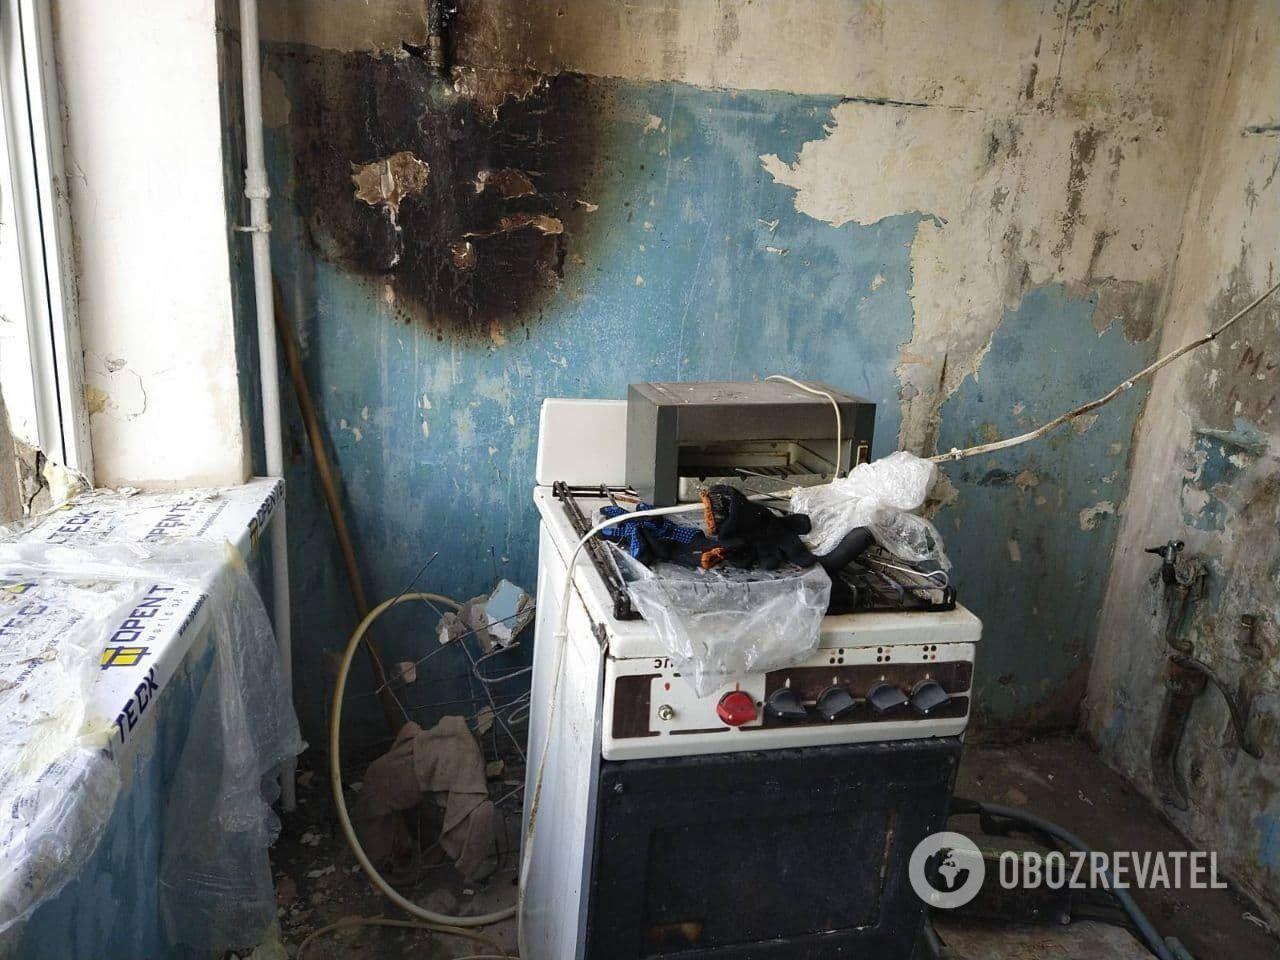 Взрыв произошел на кухне.